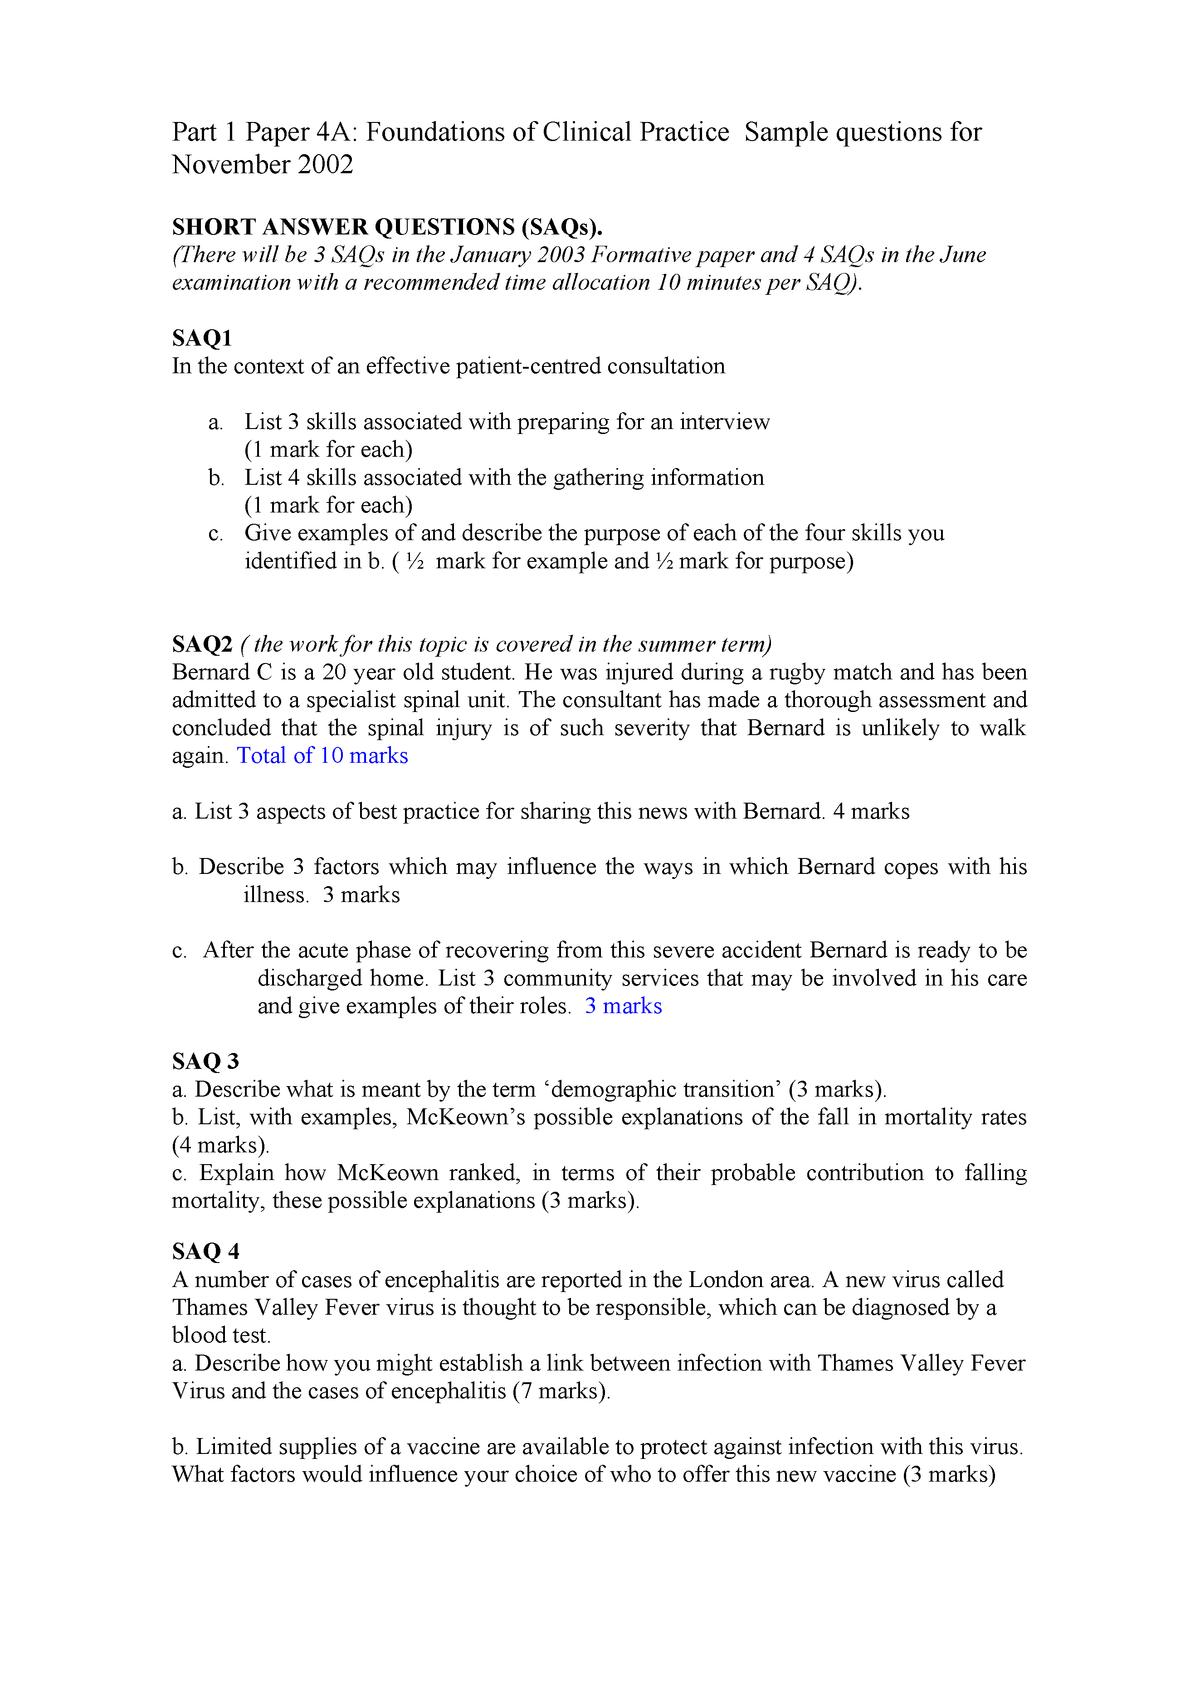 FOCP-Nov02Practice Paper-answers - MED: Medicine - StuDocu